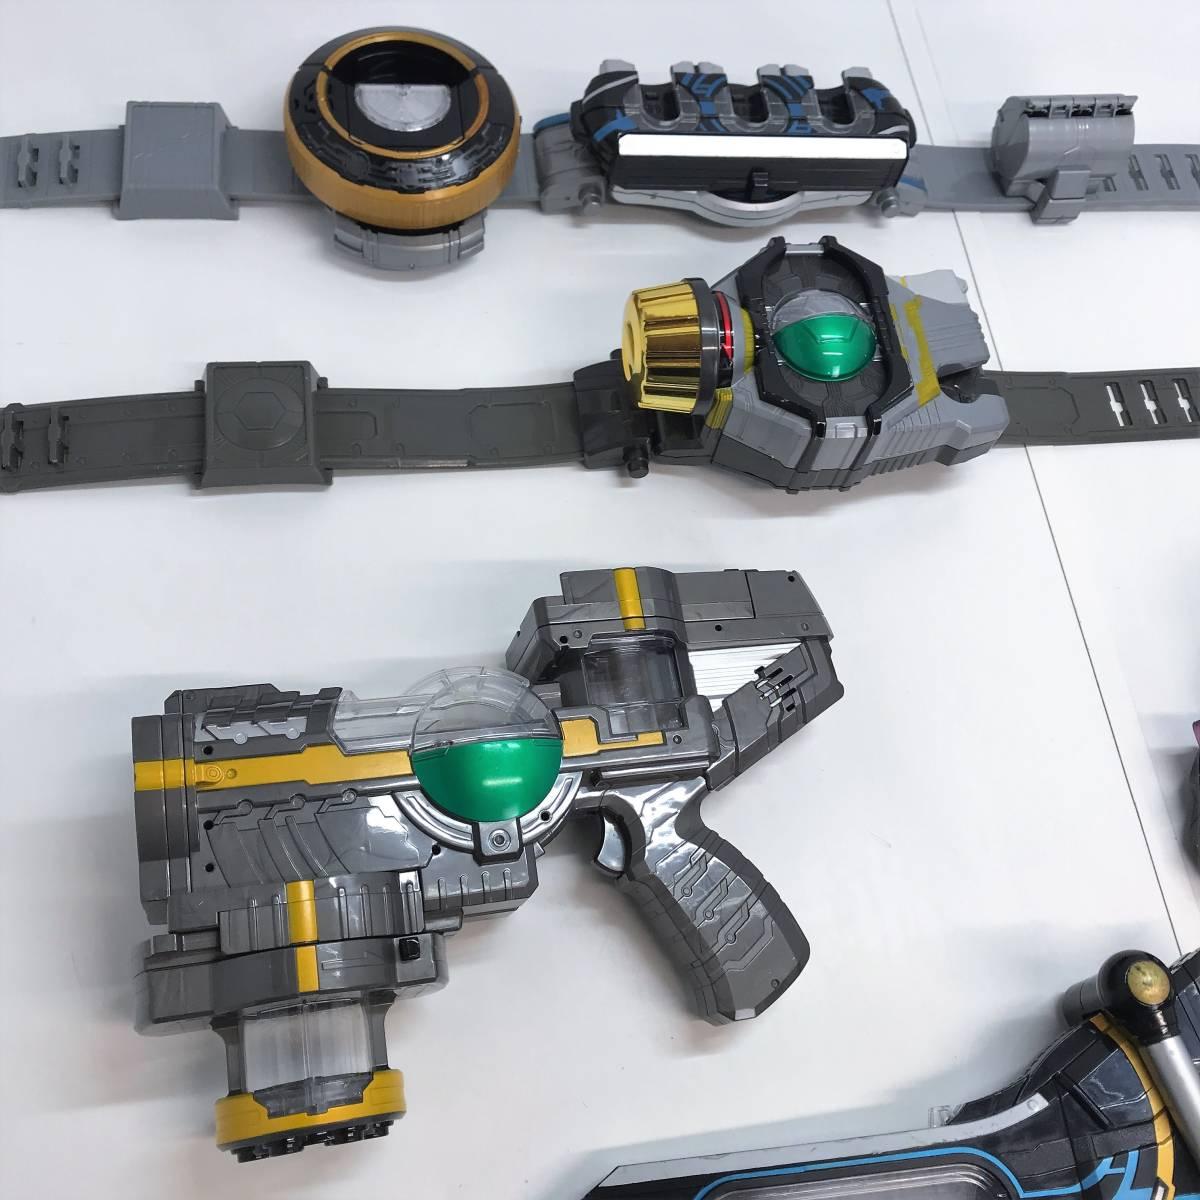 仮面ライダー オーズ DX オーズドライバー バースドライバー 変身ベルト メダル オーメダルホルダー 武器 まとめて いろいろ 大量 セット